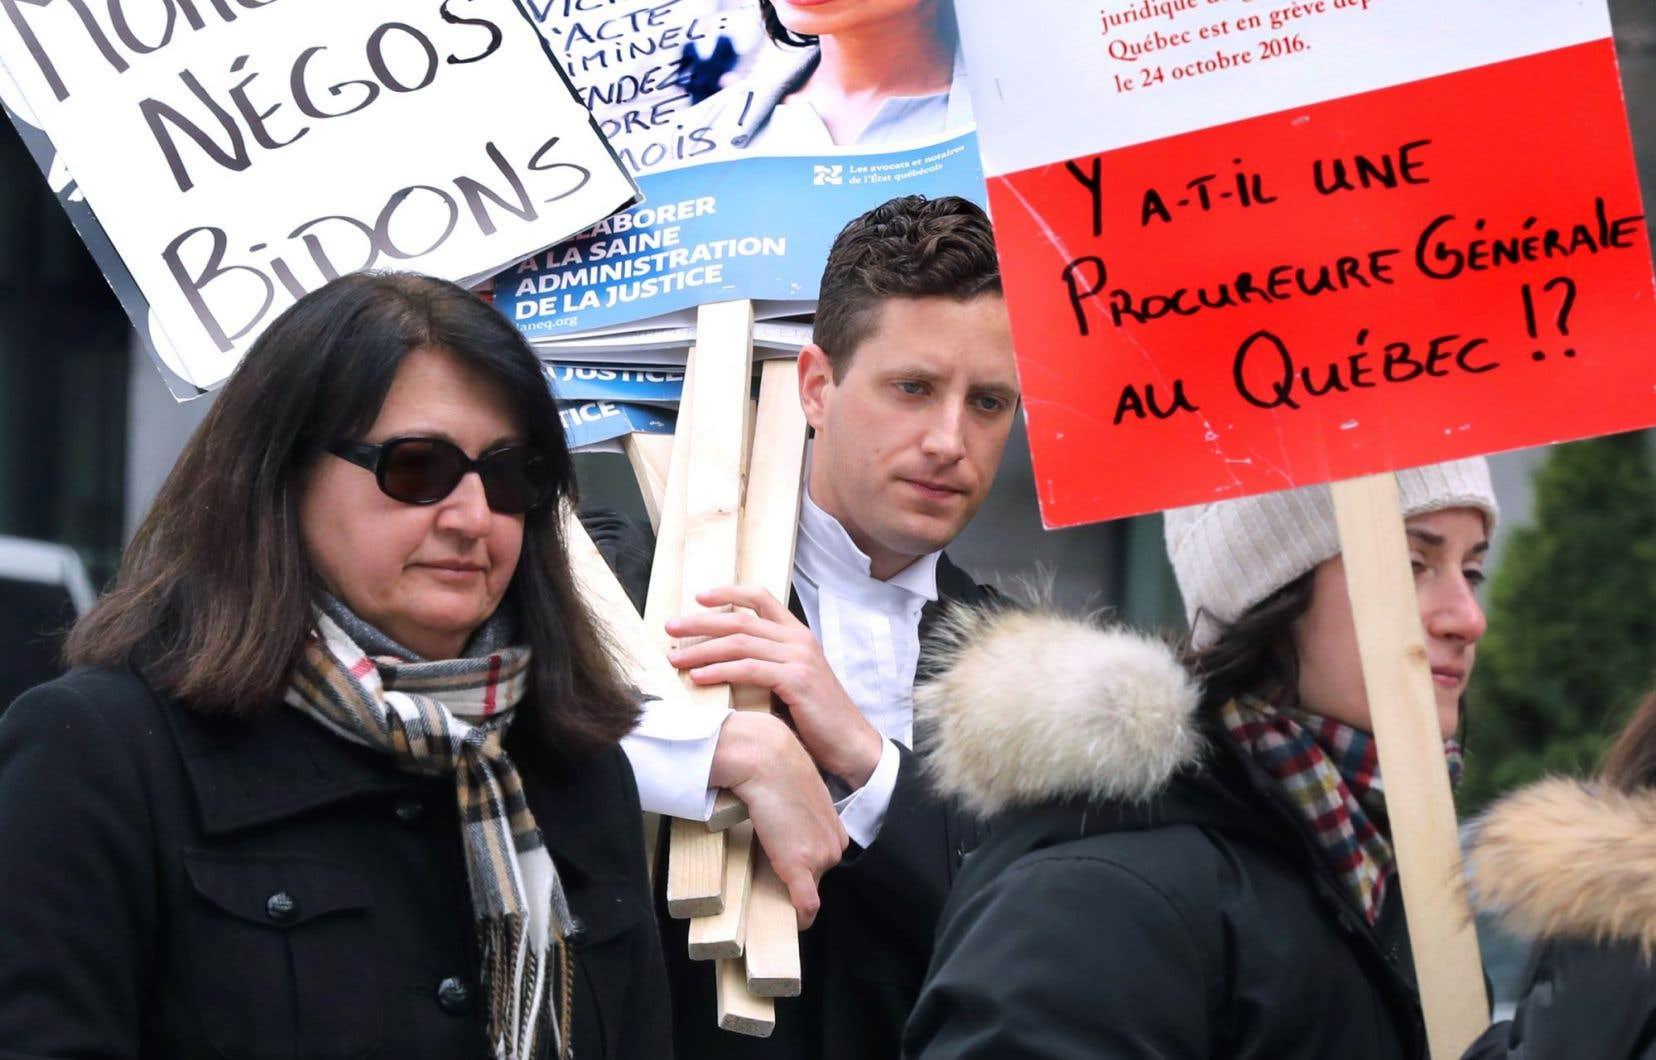 Les juristes de l'État sont en grève depuis le 24octobre dernier.